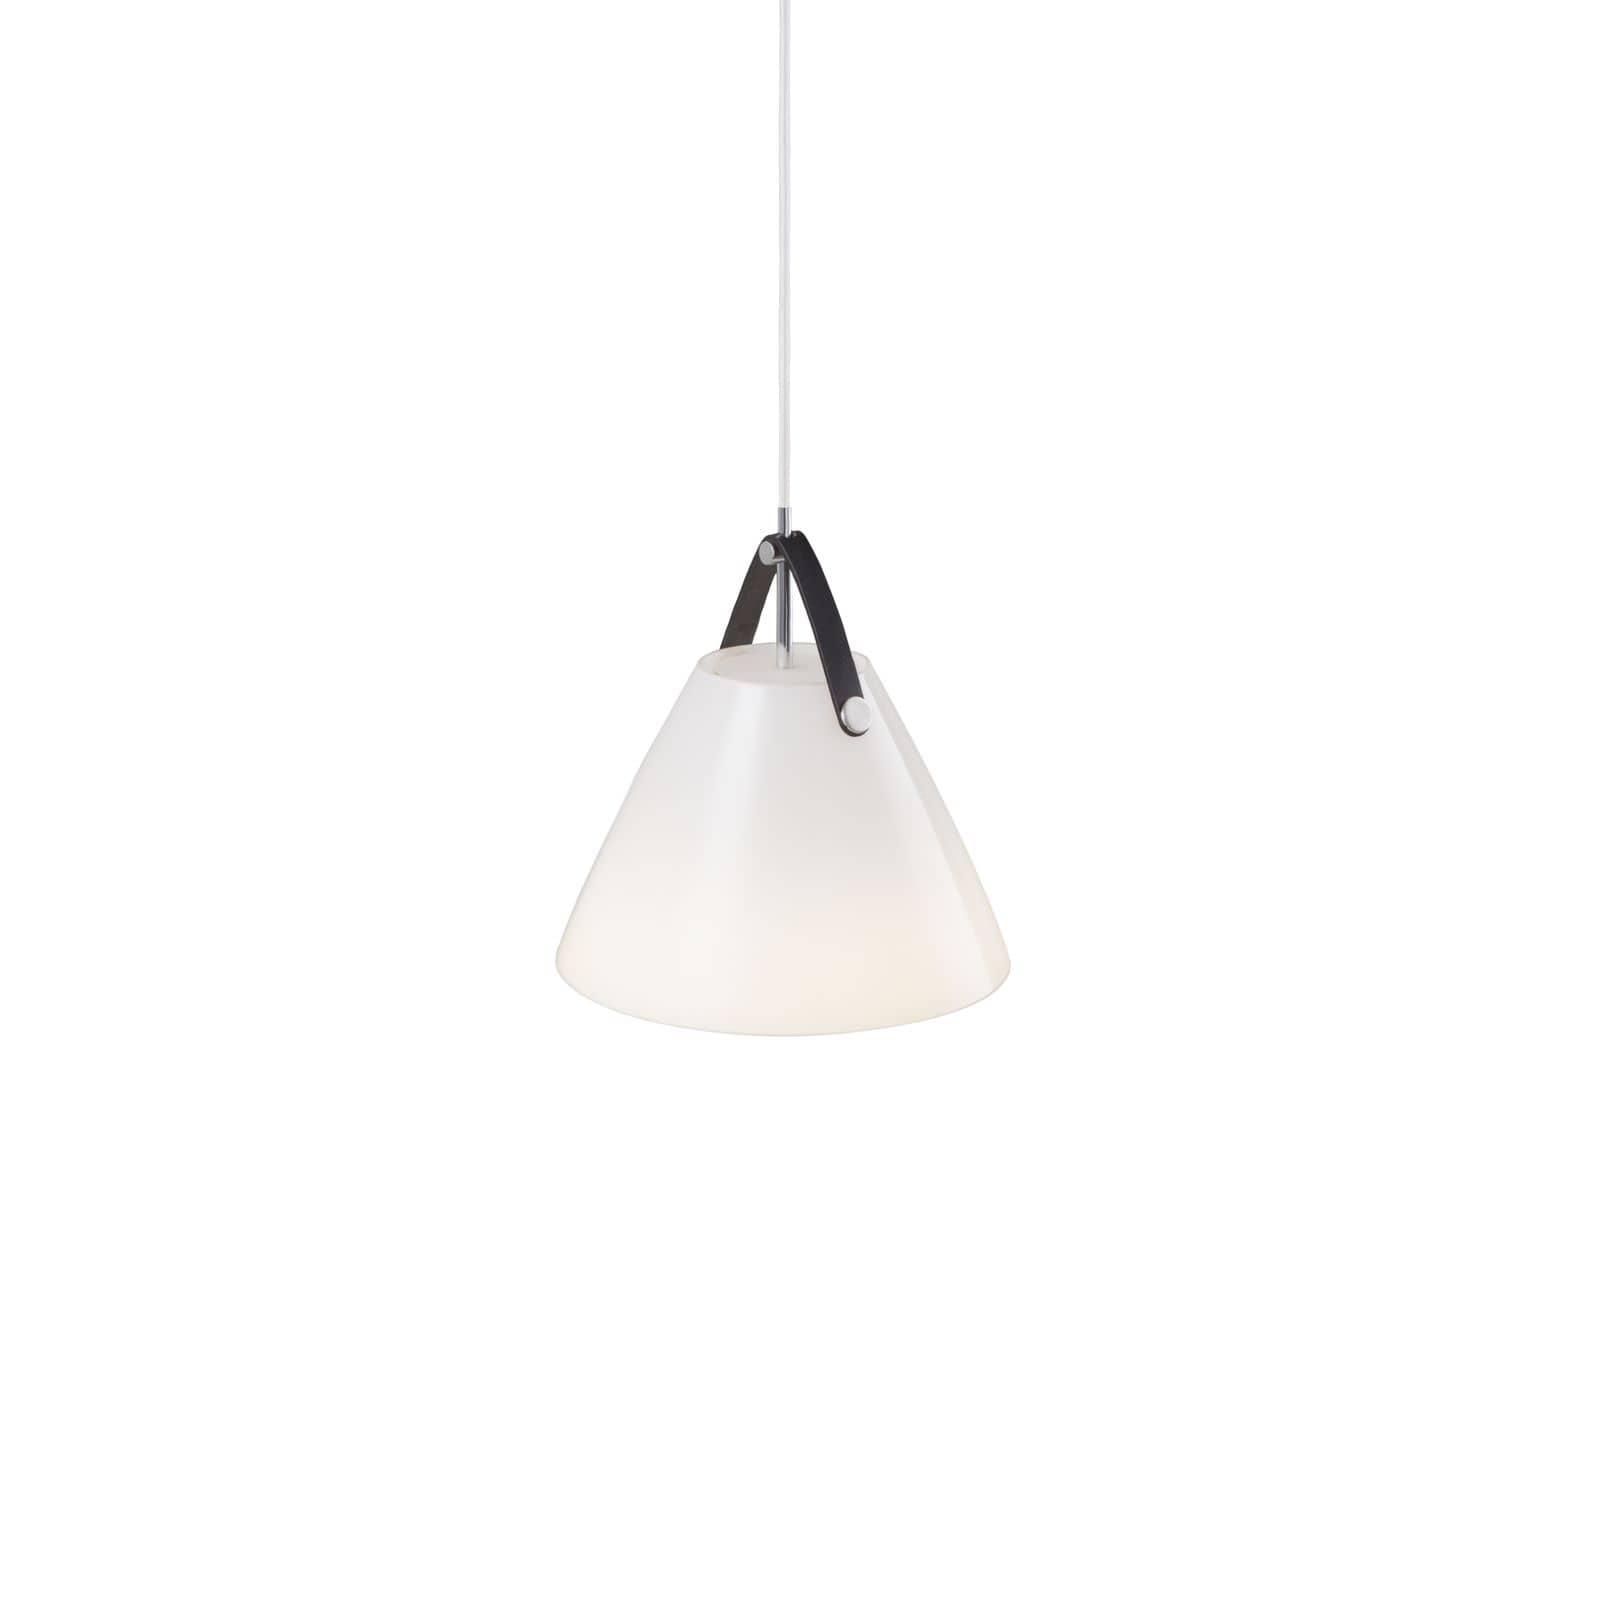 nordlux 84313001 strap e27 pendelleuchte glas echtes leder weiss. Black Bedroom Furniture Sets. Home Design Ideas